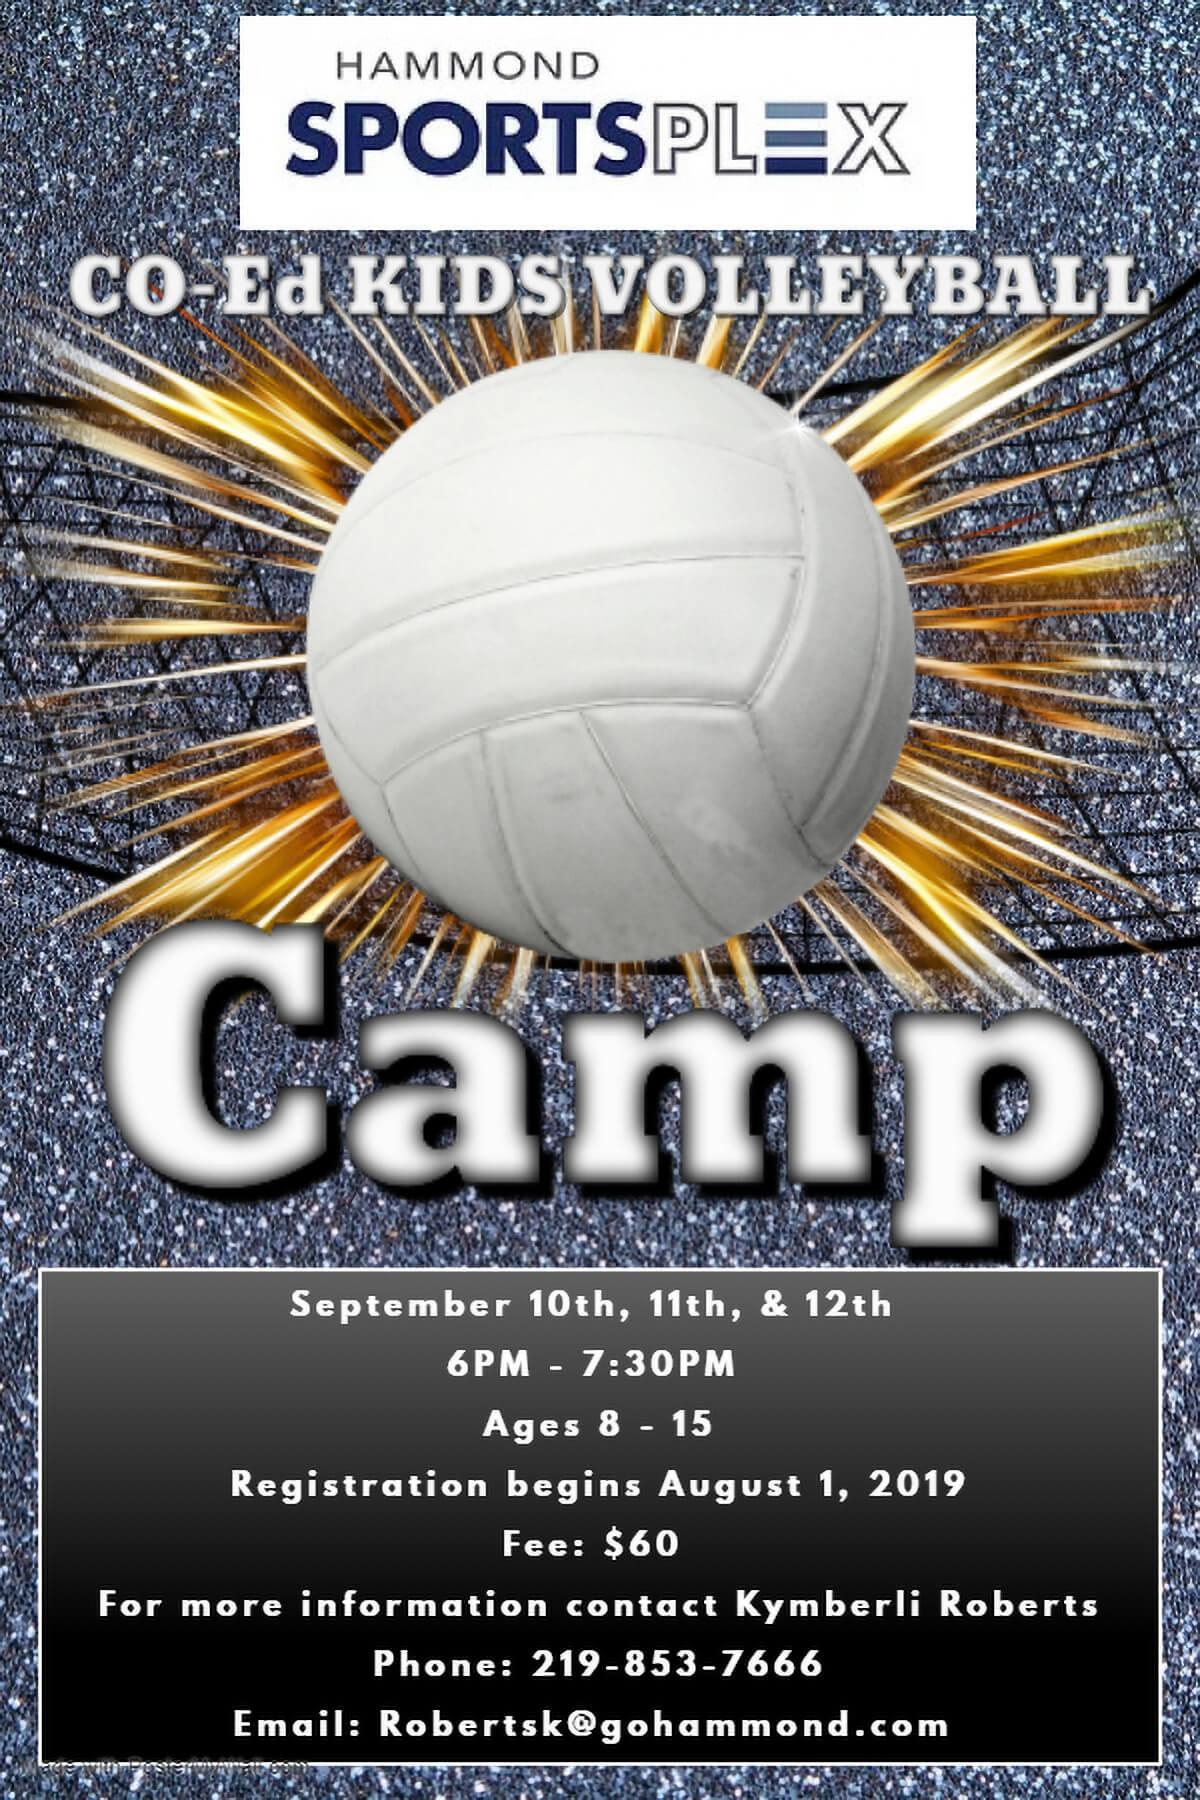 Hammond Sportsplex to Host Kids Volleyball Camp